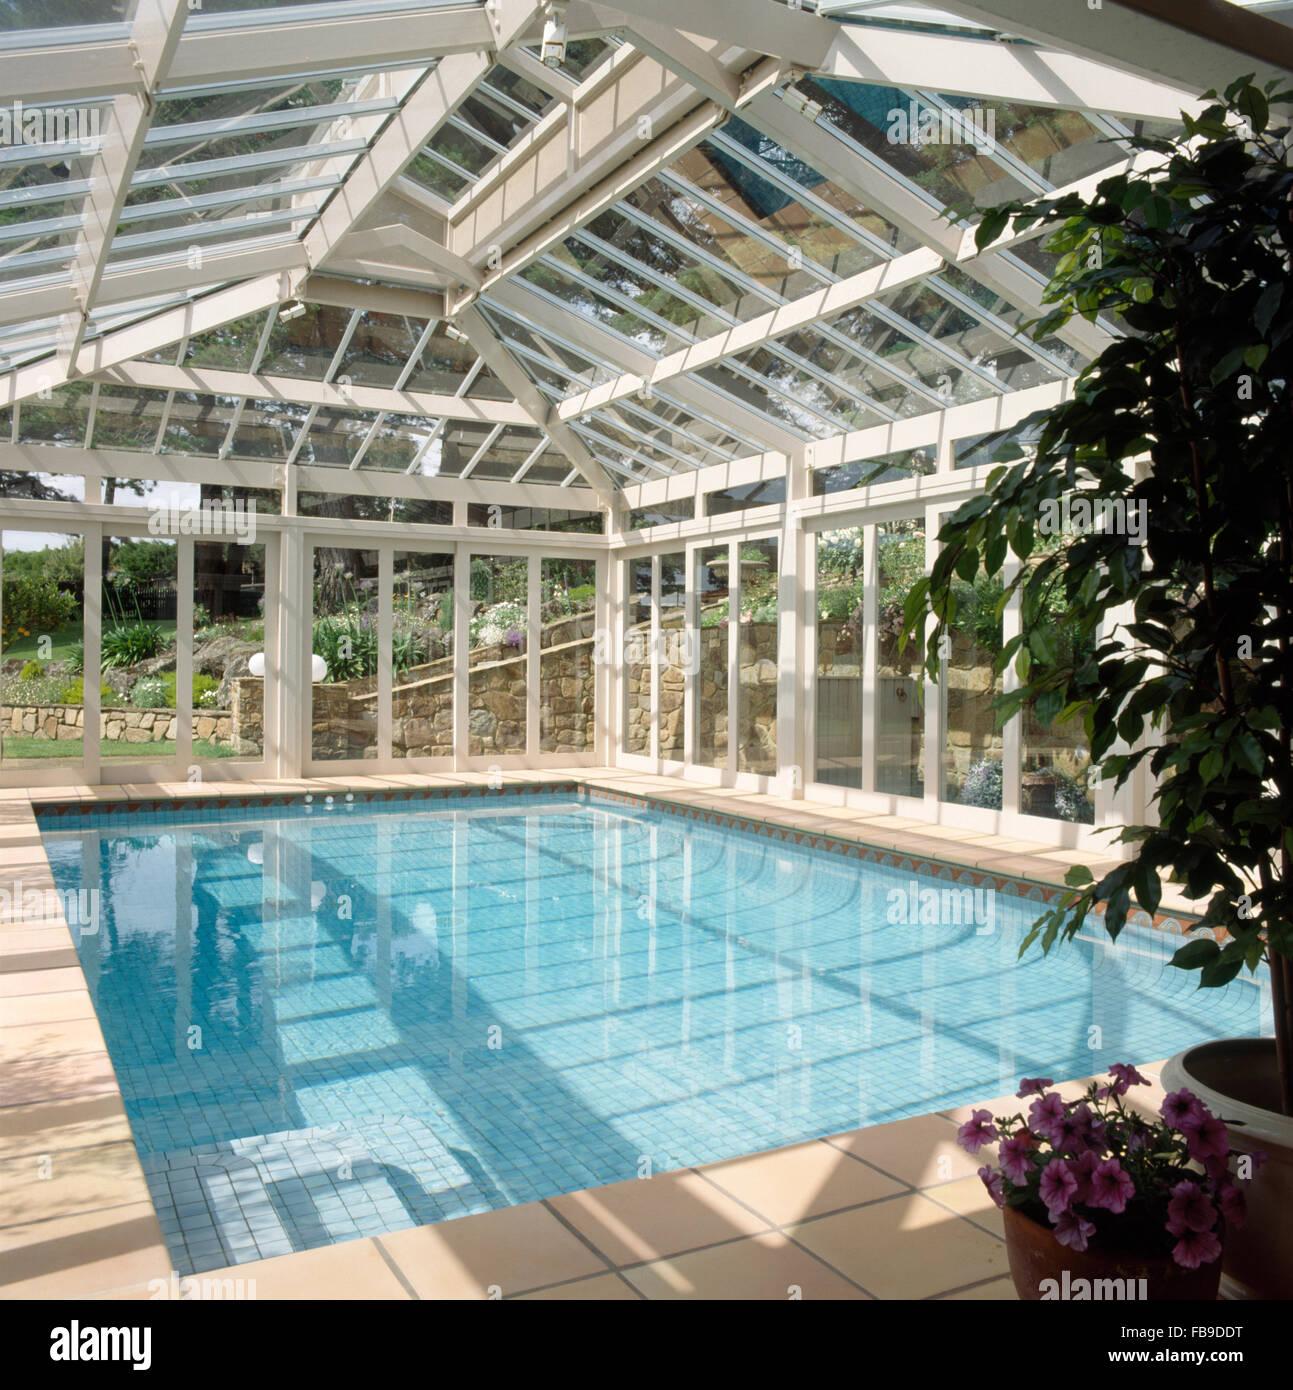 Indoor Swimming Pool Stockfotos & Indoor Swimming Pool Bilder - Alamy